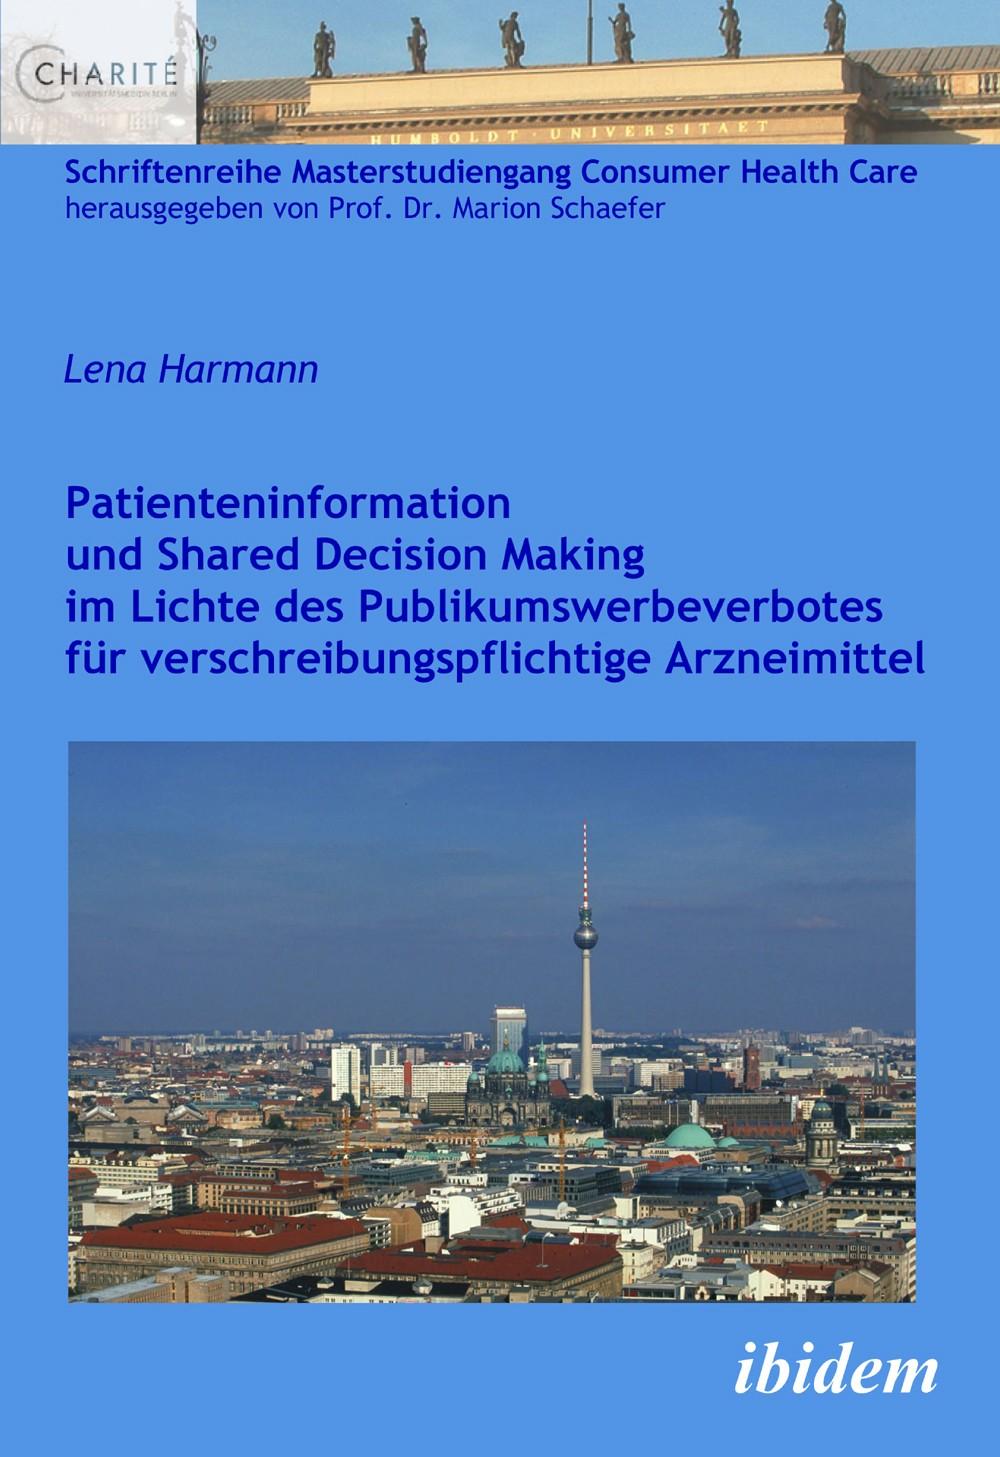 Patienteninformation und Shared Decision Making im Lichte des Publikumswerbeverbotes für verschreibungspflichtige Arzneimittel